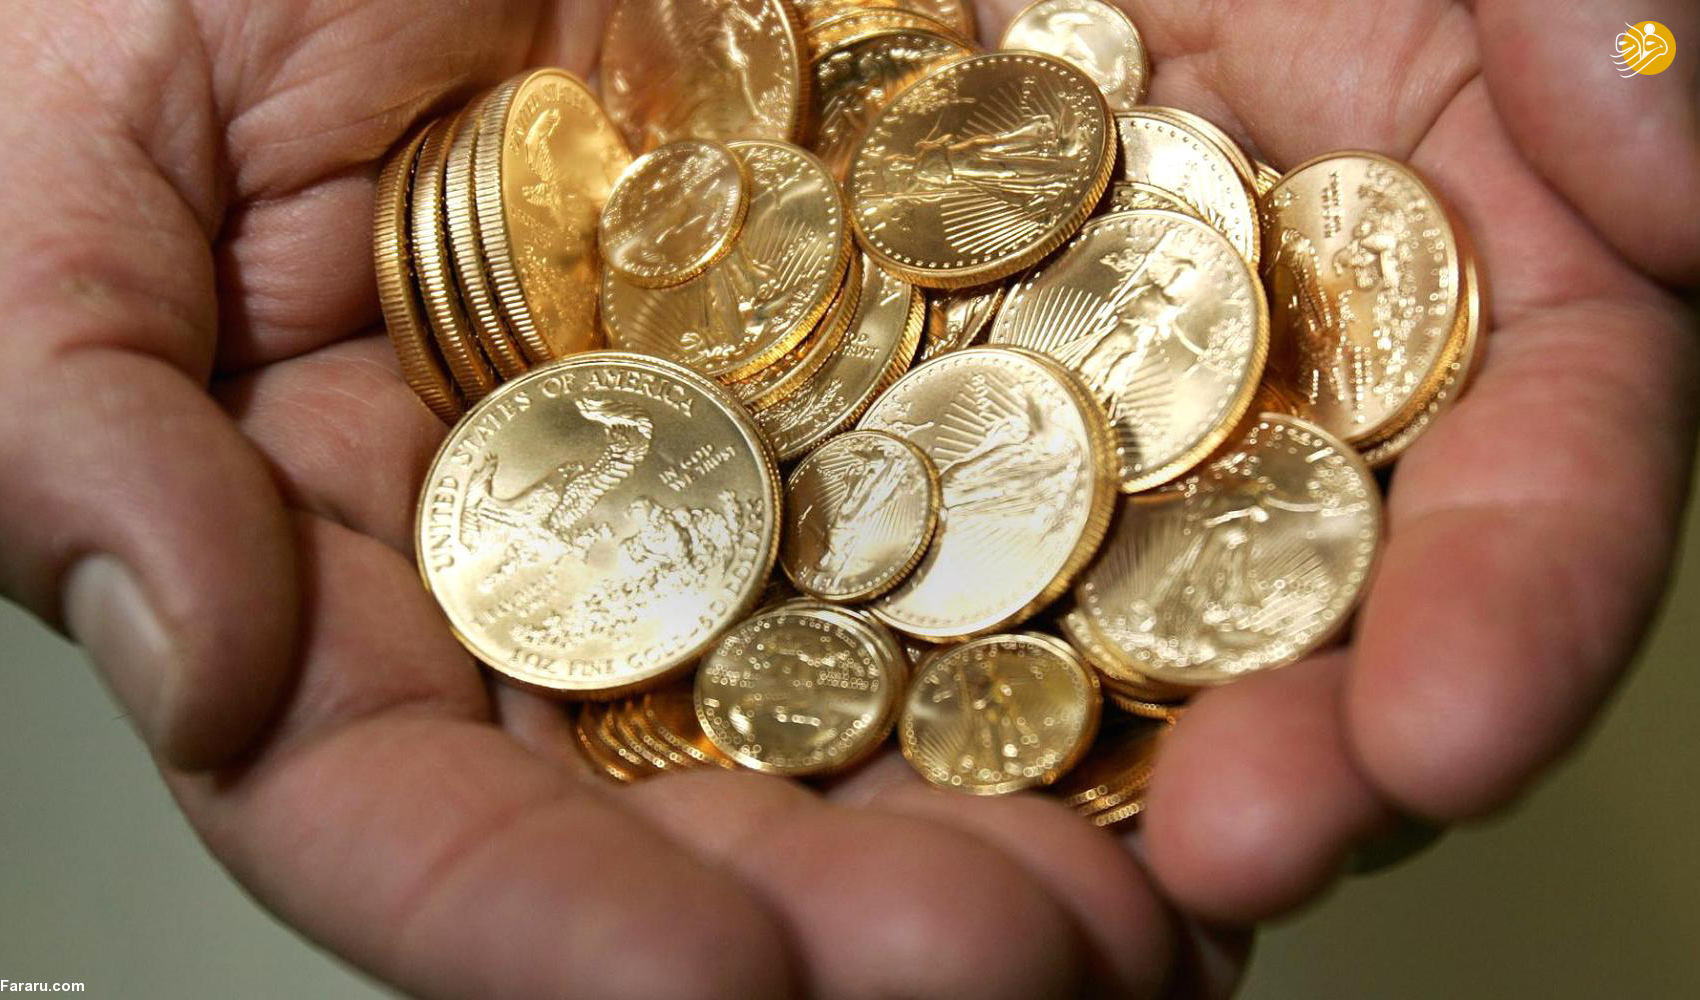 خرید ۳۸ هزار سکه توسط یک نفر!